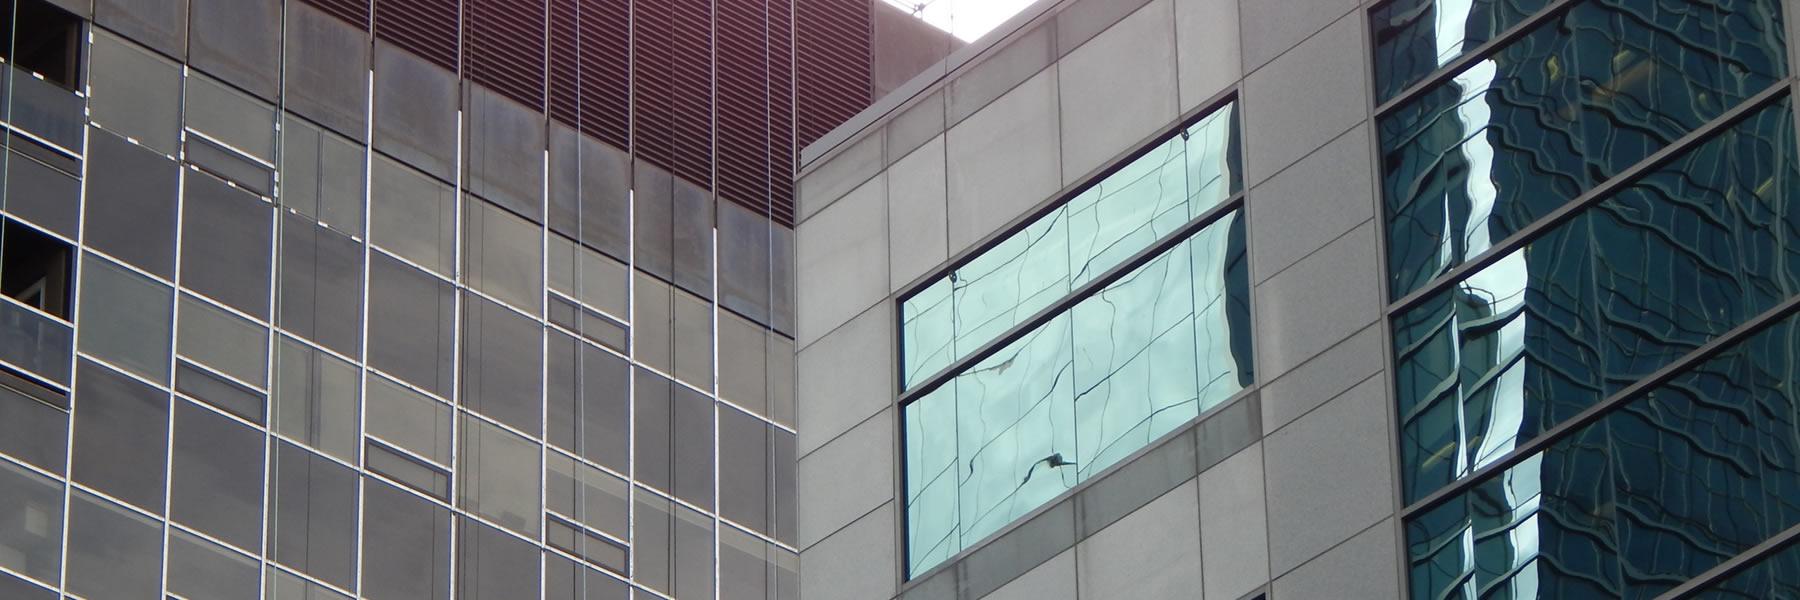 Putzen von Fenstern